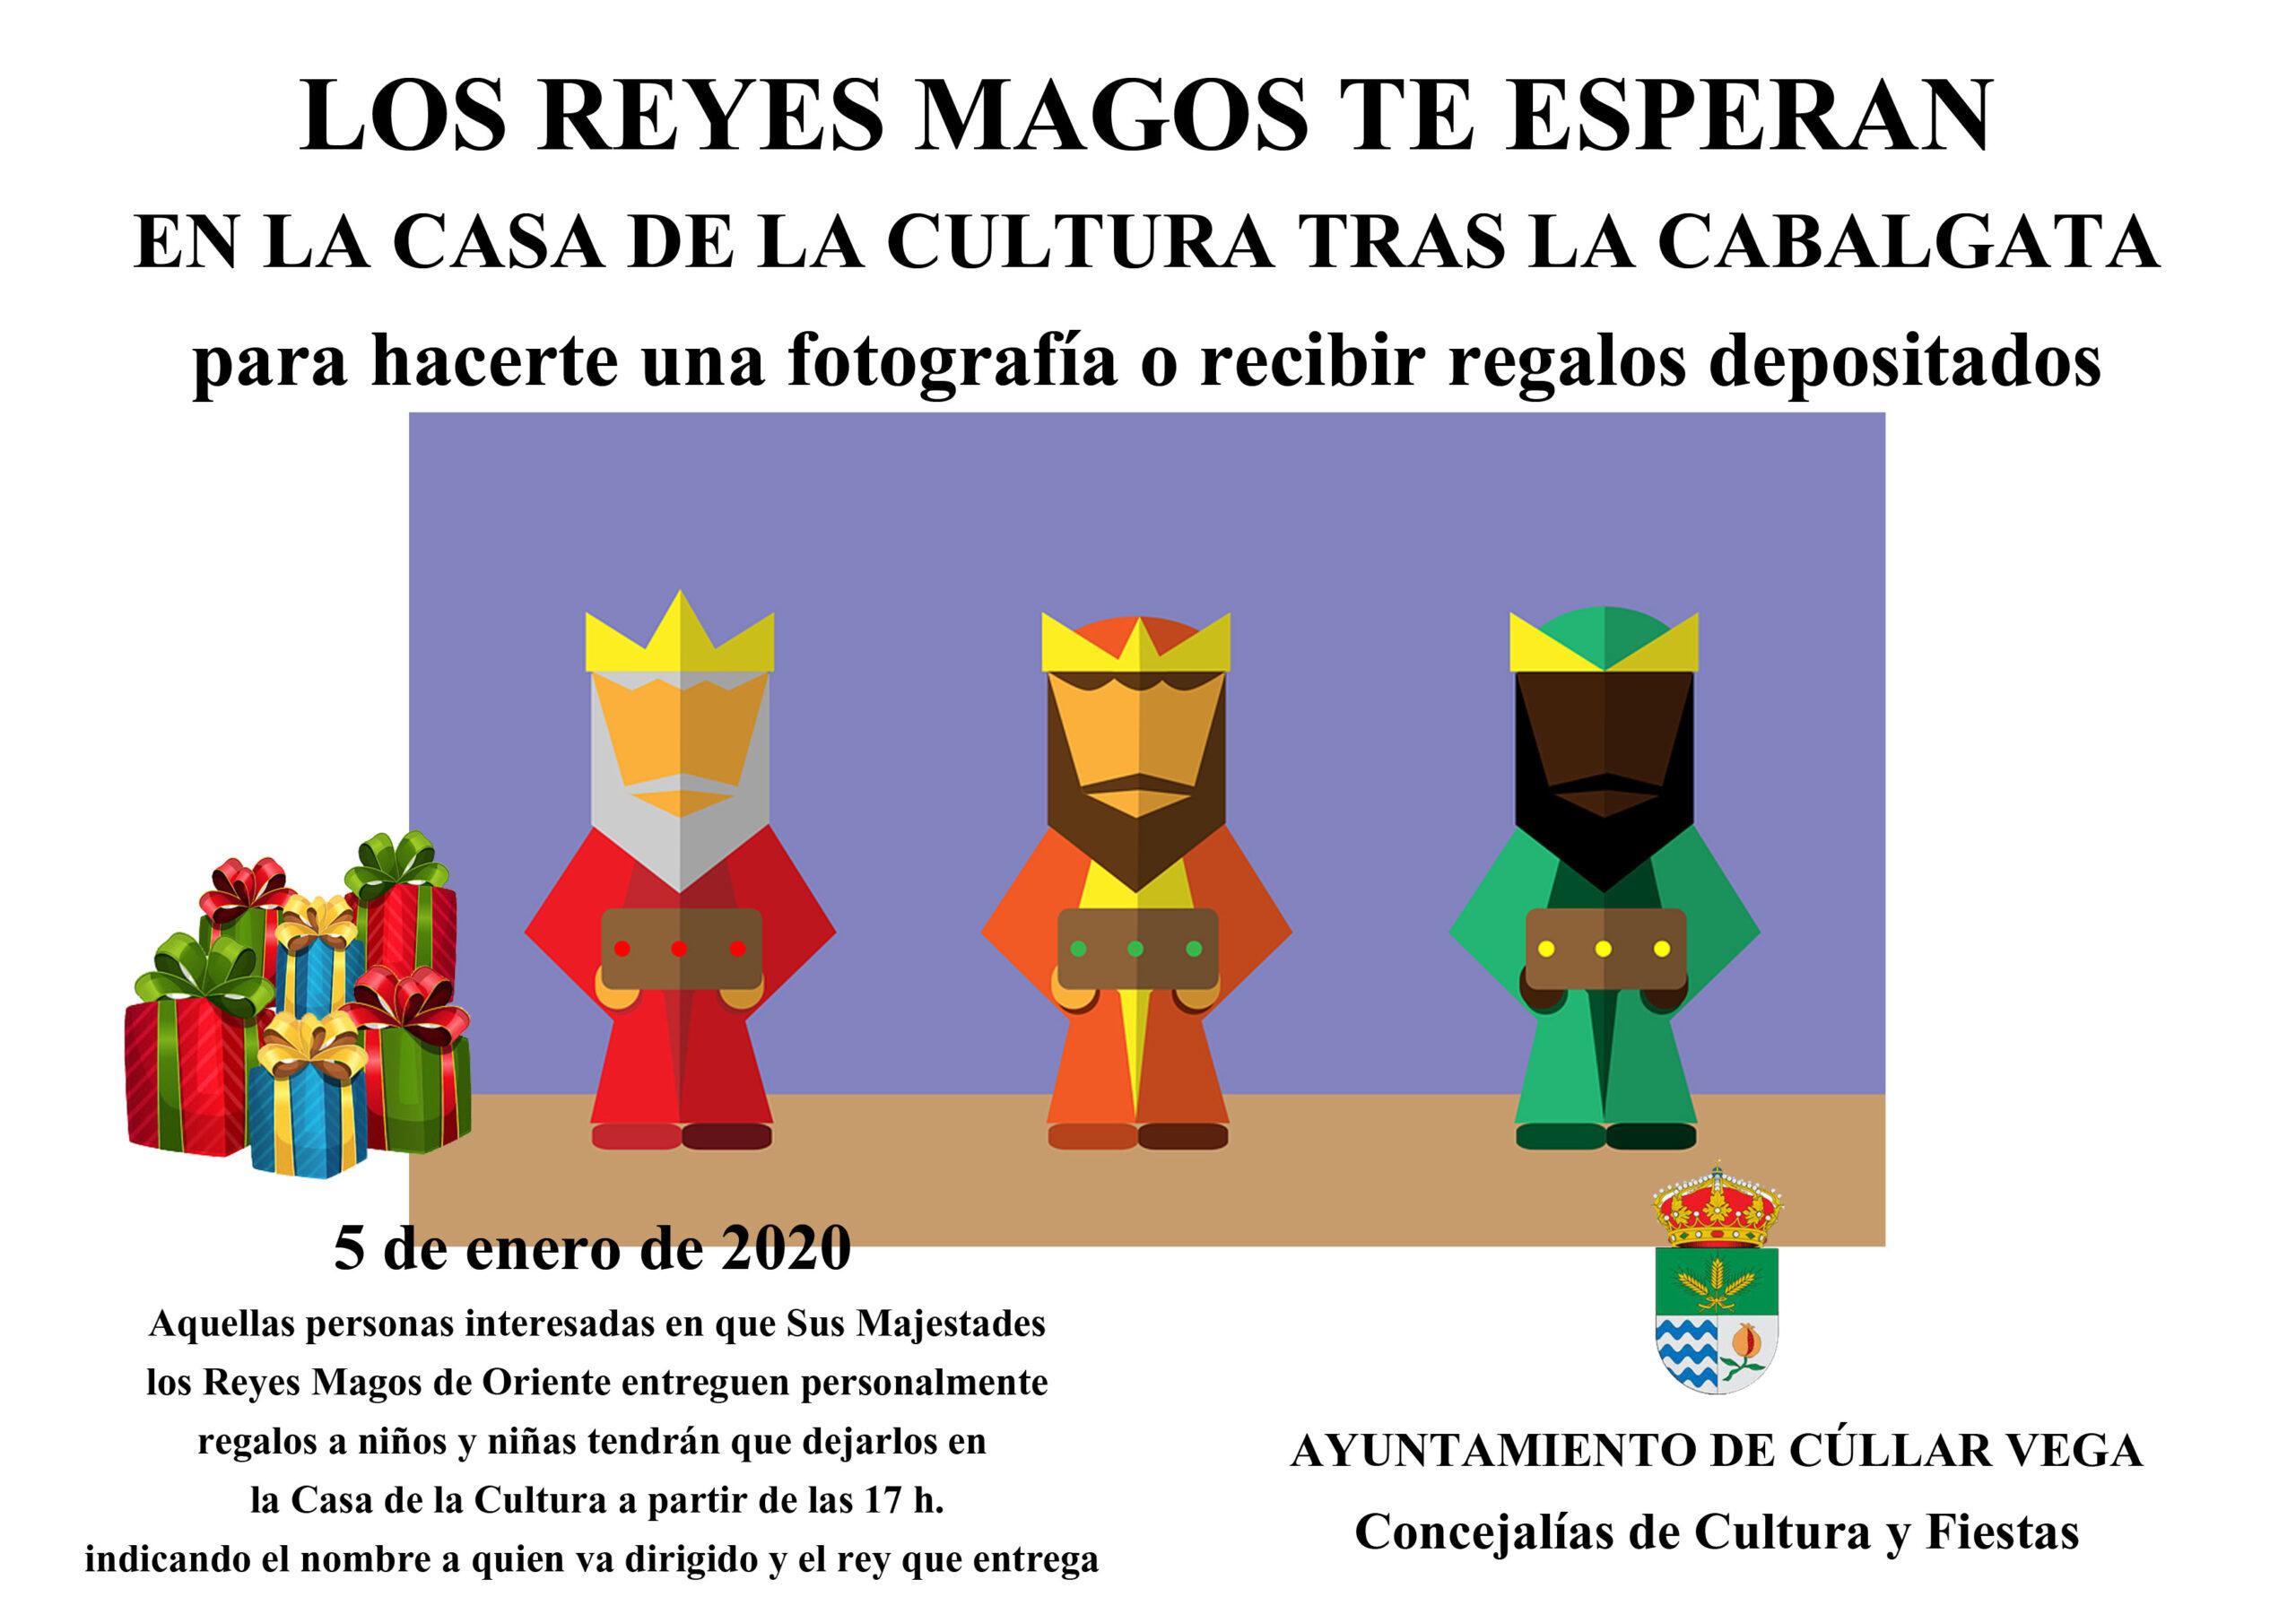 Los Reyes Magos te esperan tras la Cabalgata